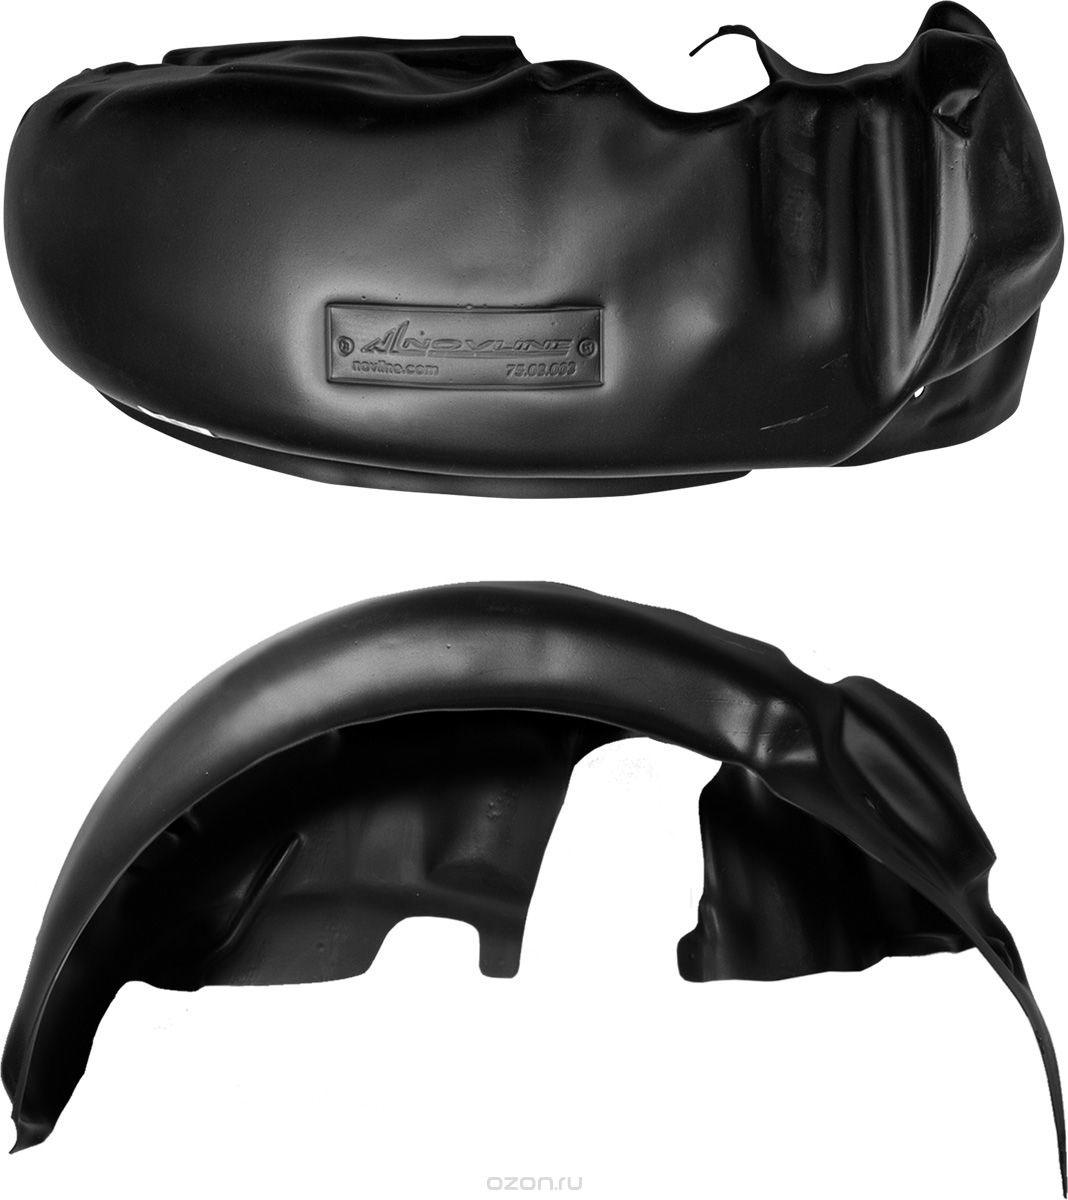 Подкрылок Novline-Autofamily, для Geely Emgrand X7, 2013->, передний правыйNLL.75.07.002Идеальная защита колесной ниши. Локеры разработаны с применением цифровых технологий, гарантируют максимальную повторяемость поверхности арки. Изделия устанавливаются без нарушения лакокрасочного покрытия автомобиля, каждый подкрылок комплектуется крепежом. Уважаемые клиенты, обращаем ваше внимание, что фотографии на подкрылки универсальные и не отражают реальную форму изделия. При этом само изделие идет точно под размер указанного автомобиля.